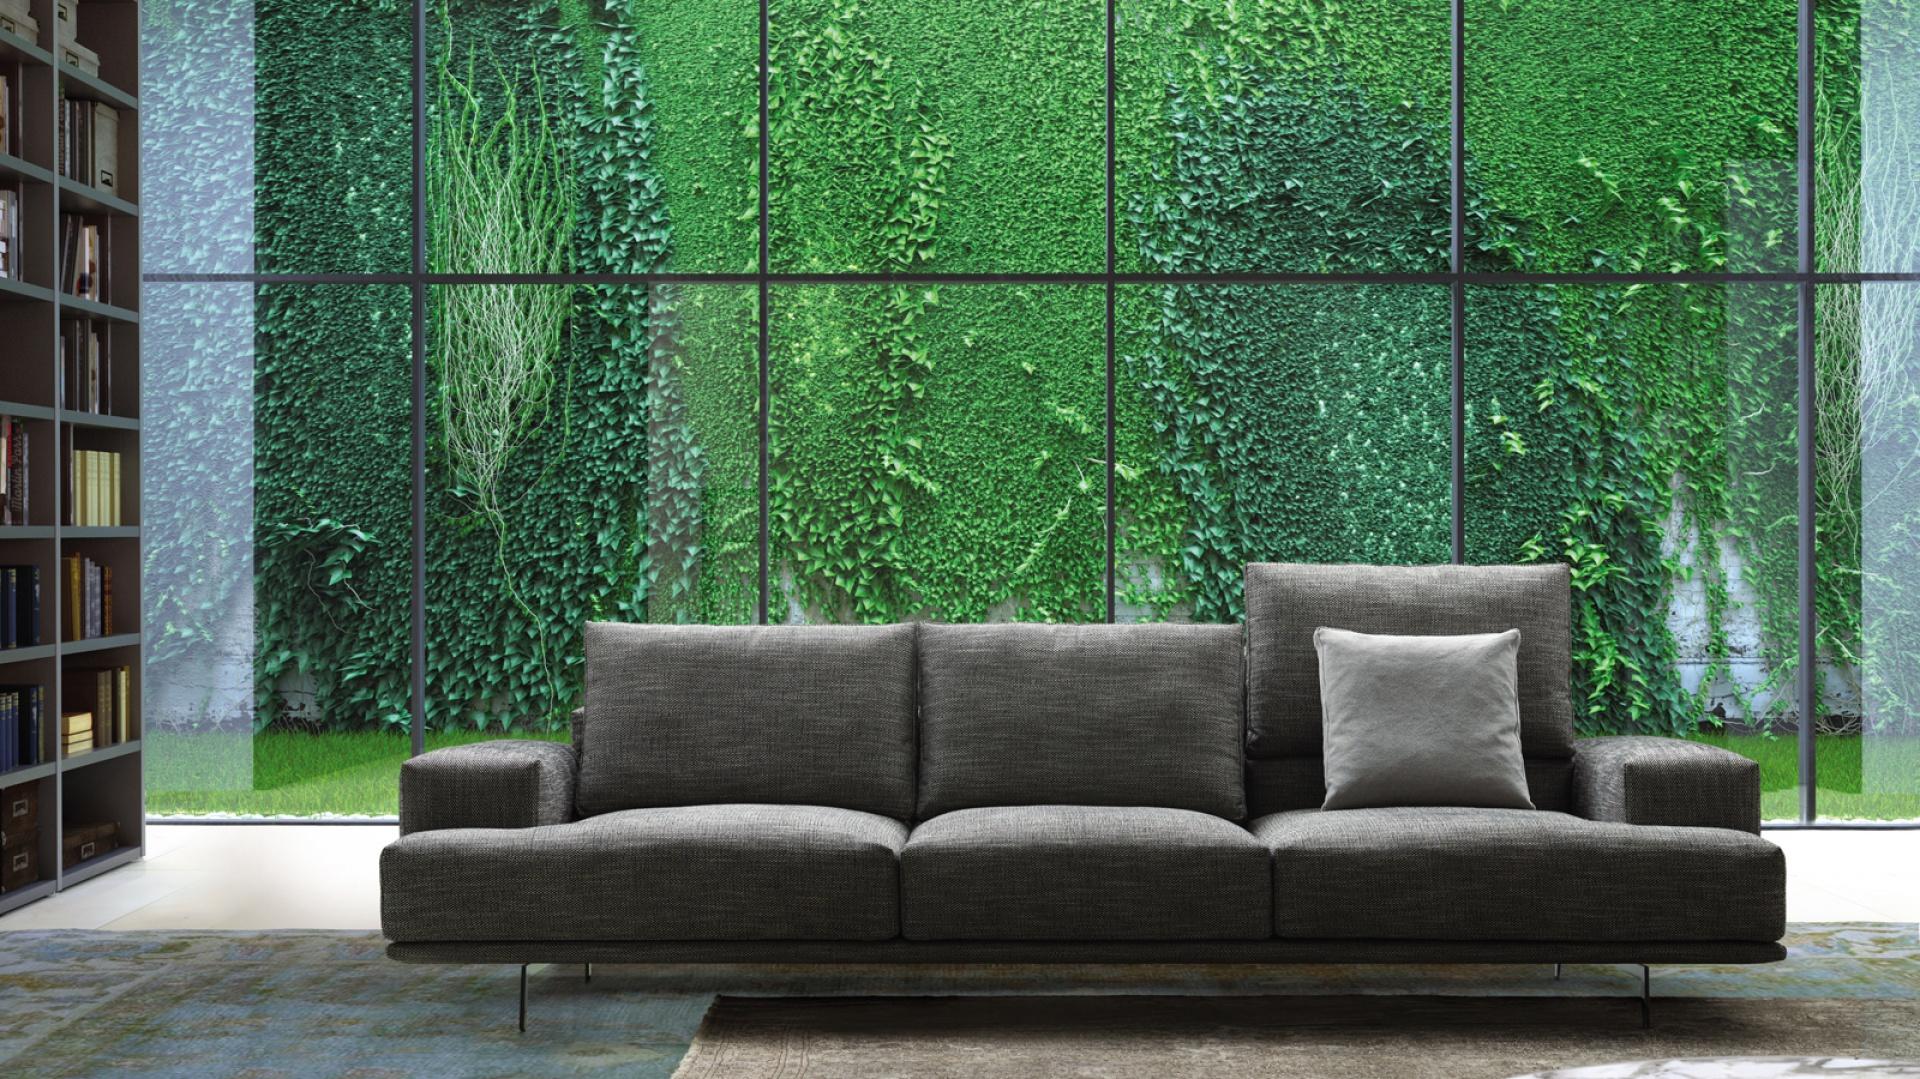 Sofa Upper enthesi. Fot. Upper Sofa